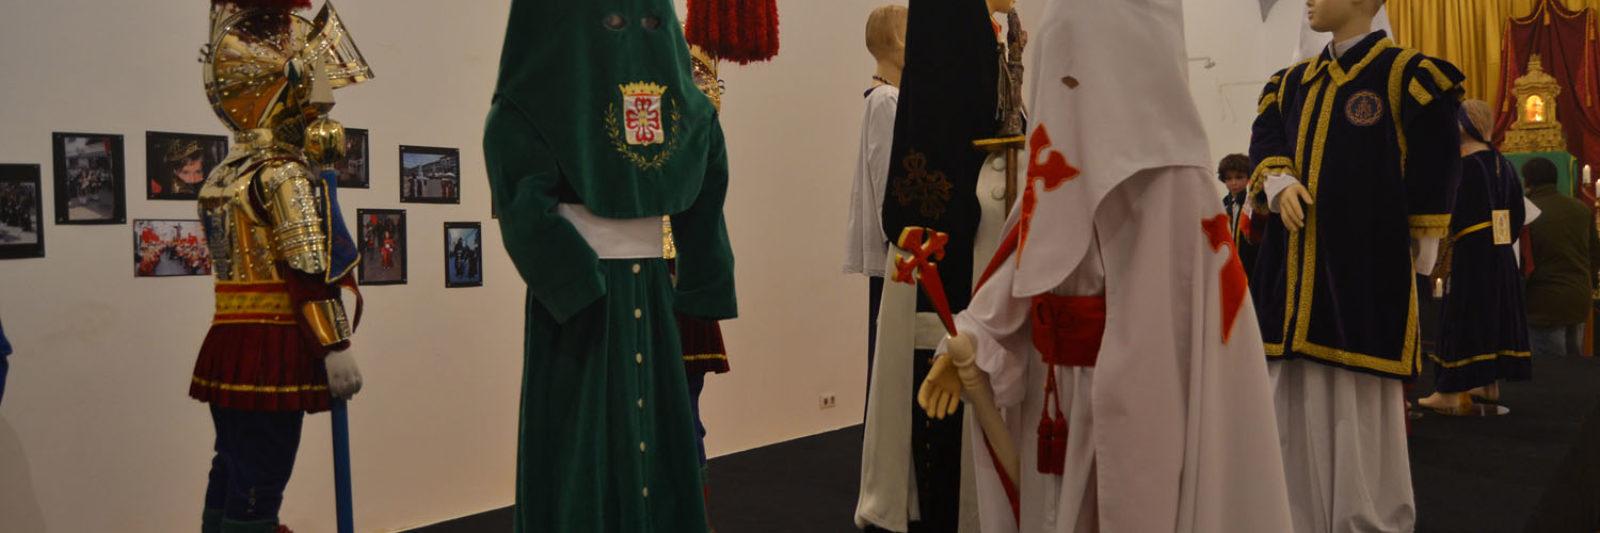 Exposición Semana Santa Almagro